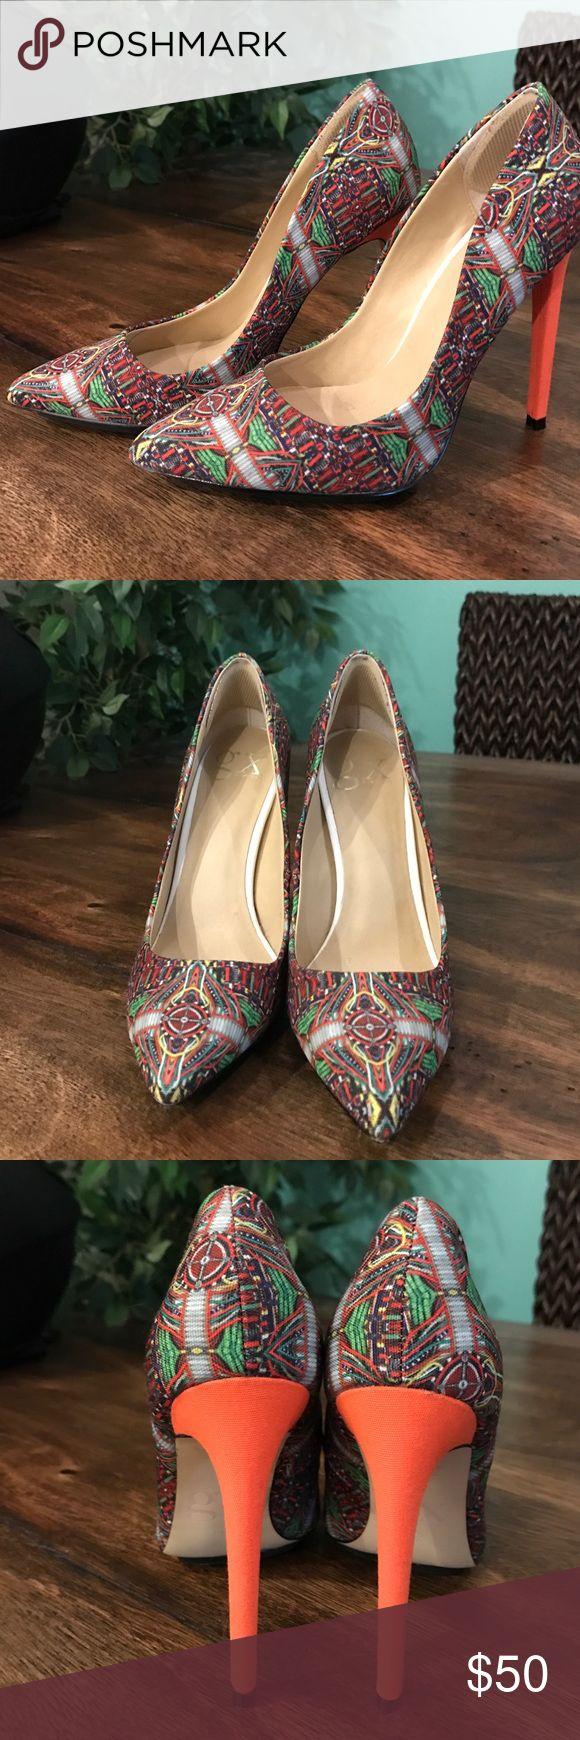 GX by Gwen Stefani Heels GX by Gwen Stefani pumps in a gorgeous pattern with orange heel. Never been worn. Size 6. GX by Gwen Stefani Shoes Heels